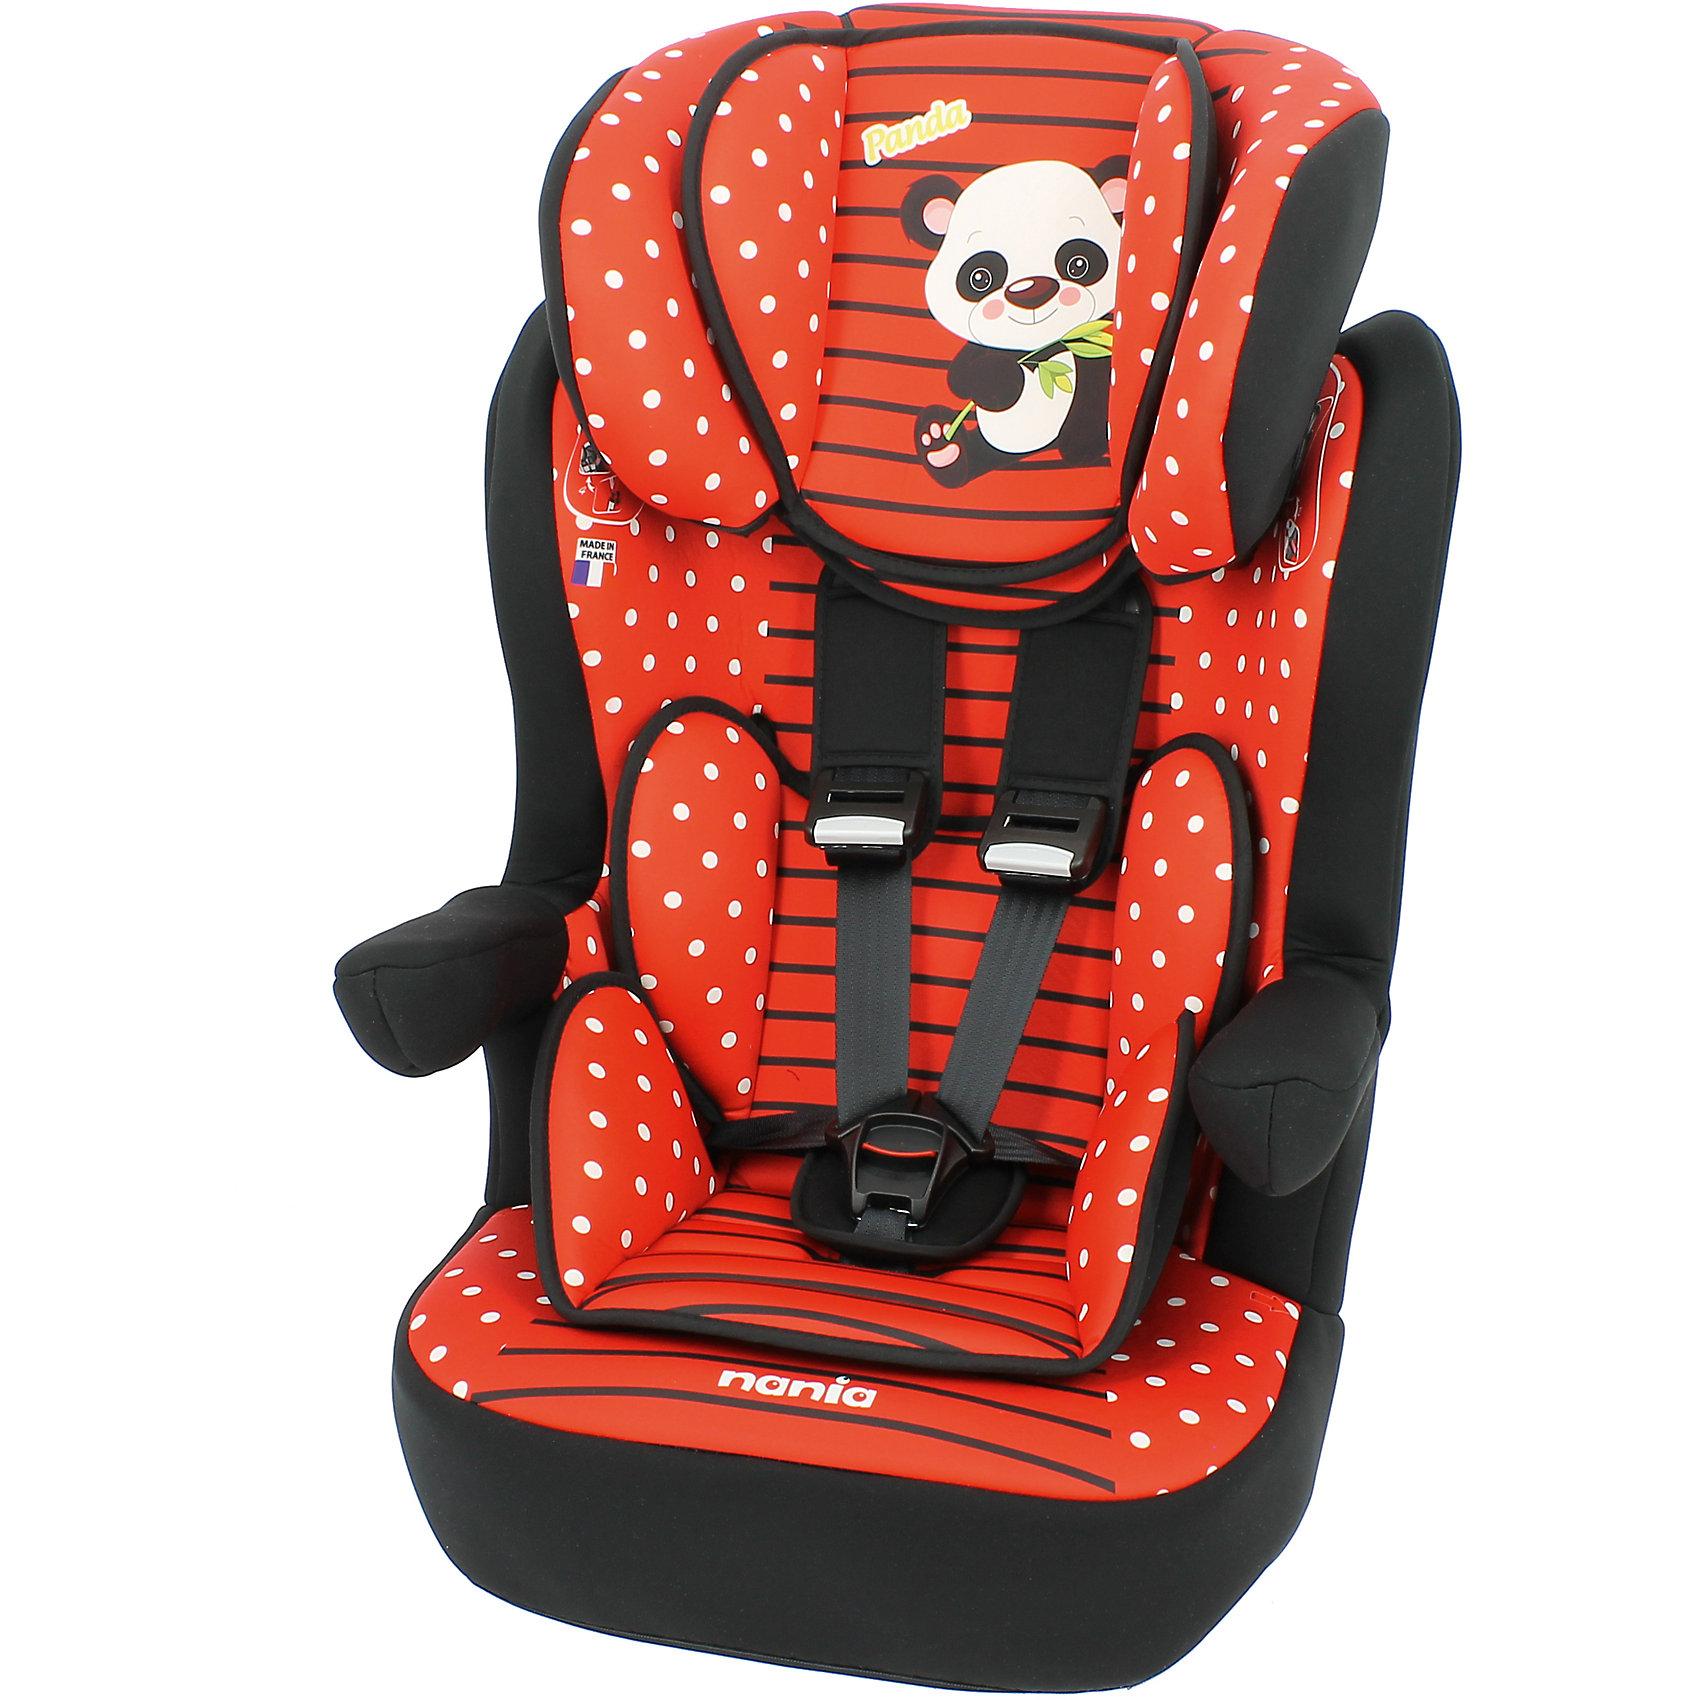 Автокресло Nania Imax SP, 9-36кг, panda redГруппа 1-2-3 (От 9 до 36 кг)<br>Характеристики:<br><br>• группа: 1/2/3;<br>• вес ребенка: 9-36 кг;<br>• возраст ребенка: от 8 месяцев до 12 лет;<br>• способ установки: по ходу движения автомобиля;<br>• способ крепления: штатные ремни безопасности автомобиля;<br>• вкладыш для маленького ребенка, имеется встроенный мягкий подголовник;<br>• вкладыш съемный, для подросшего ребенка остается бустер со спинкой;<br>• кресло оснащено подлокотниками с мягкой обивкой;<br>• положение подлокотников можно регулировать;<br>• высота подголовника регулируется в 5-ти положениях;<br>• чехлы автокресла съемные, стираются при температуре 30 градусов;<br>• маленький ребенок фиксируется встроенными 5-ти точечными ремнями автокресла, подросший малыш – 3-х точечными ремнями безопасности автомобиля;<br>• усиленная боковая защита SP - Side Protection;<br>• материал: пластик, полиэстер;<br>• размеры автокресла: 454х45х88 см;<br>• вес автокресла: 4,7 кг;<br>• стандарт безопасности: ECE R44/04.<br><br>Автокресло Imax SP, 9-36кг, Nania, panda red можно купить в нашем интернет-магазине.<br><br>Ширина мм: 450<br>Глубина мм: 500<br>Высота мм: 710<br>Вес г: 4530<br>Возраст от месяцев: 8<br>Возраст до месяцев: 144<br>Пол: Унисекс<br>Возраст: Детский<br>SKU: 5569345